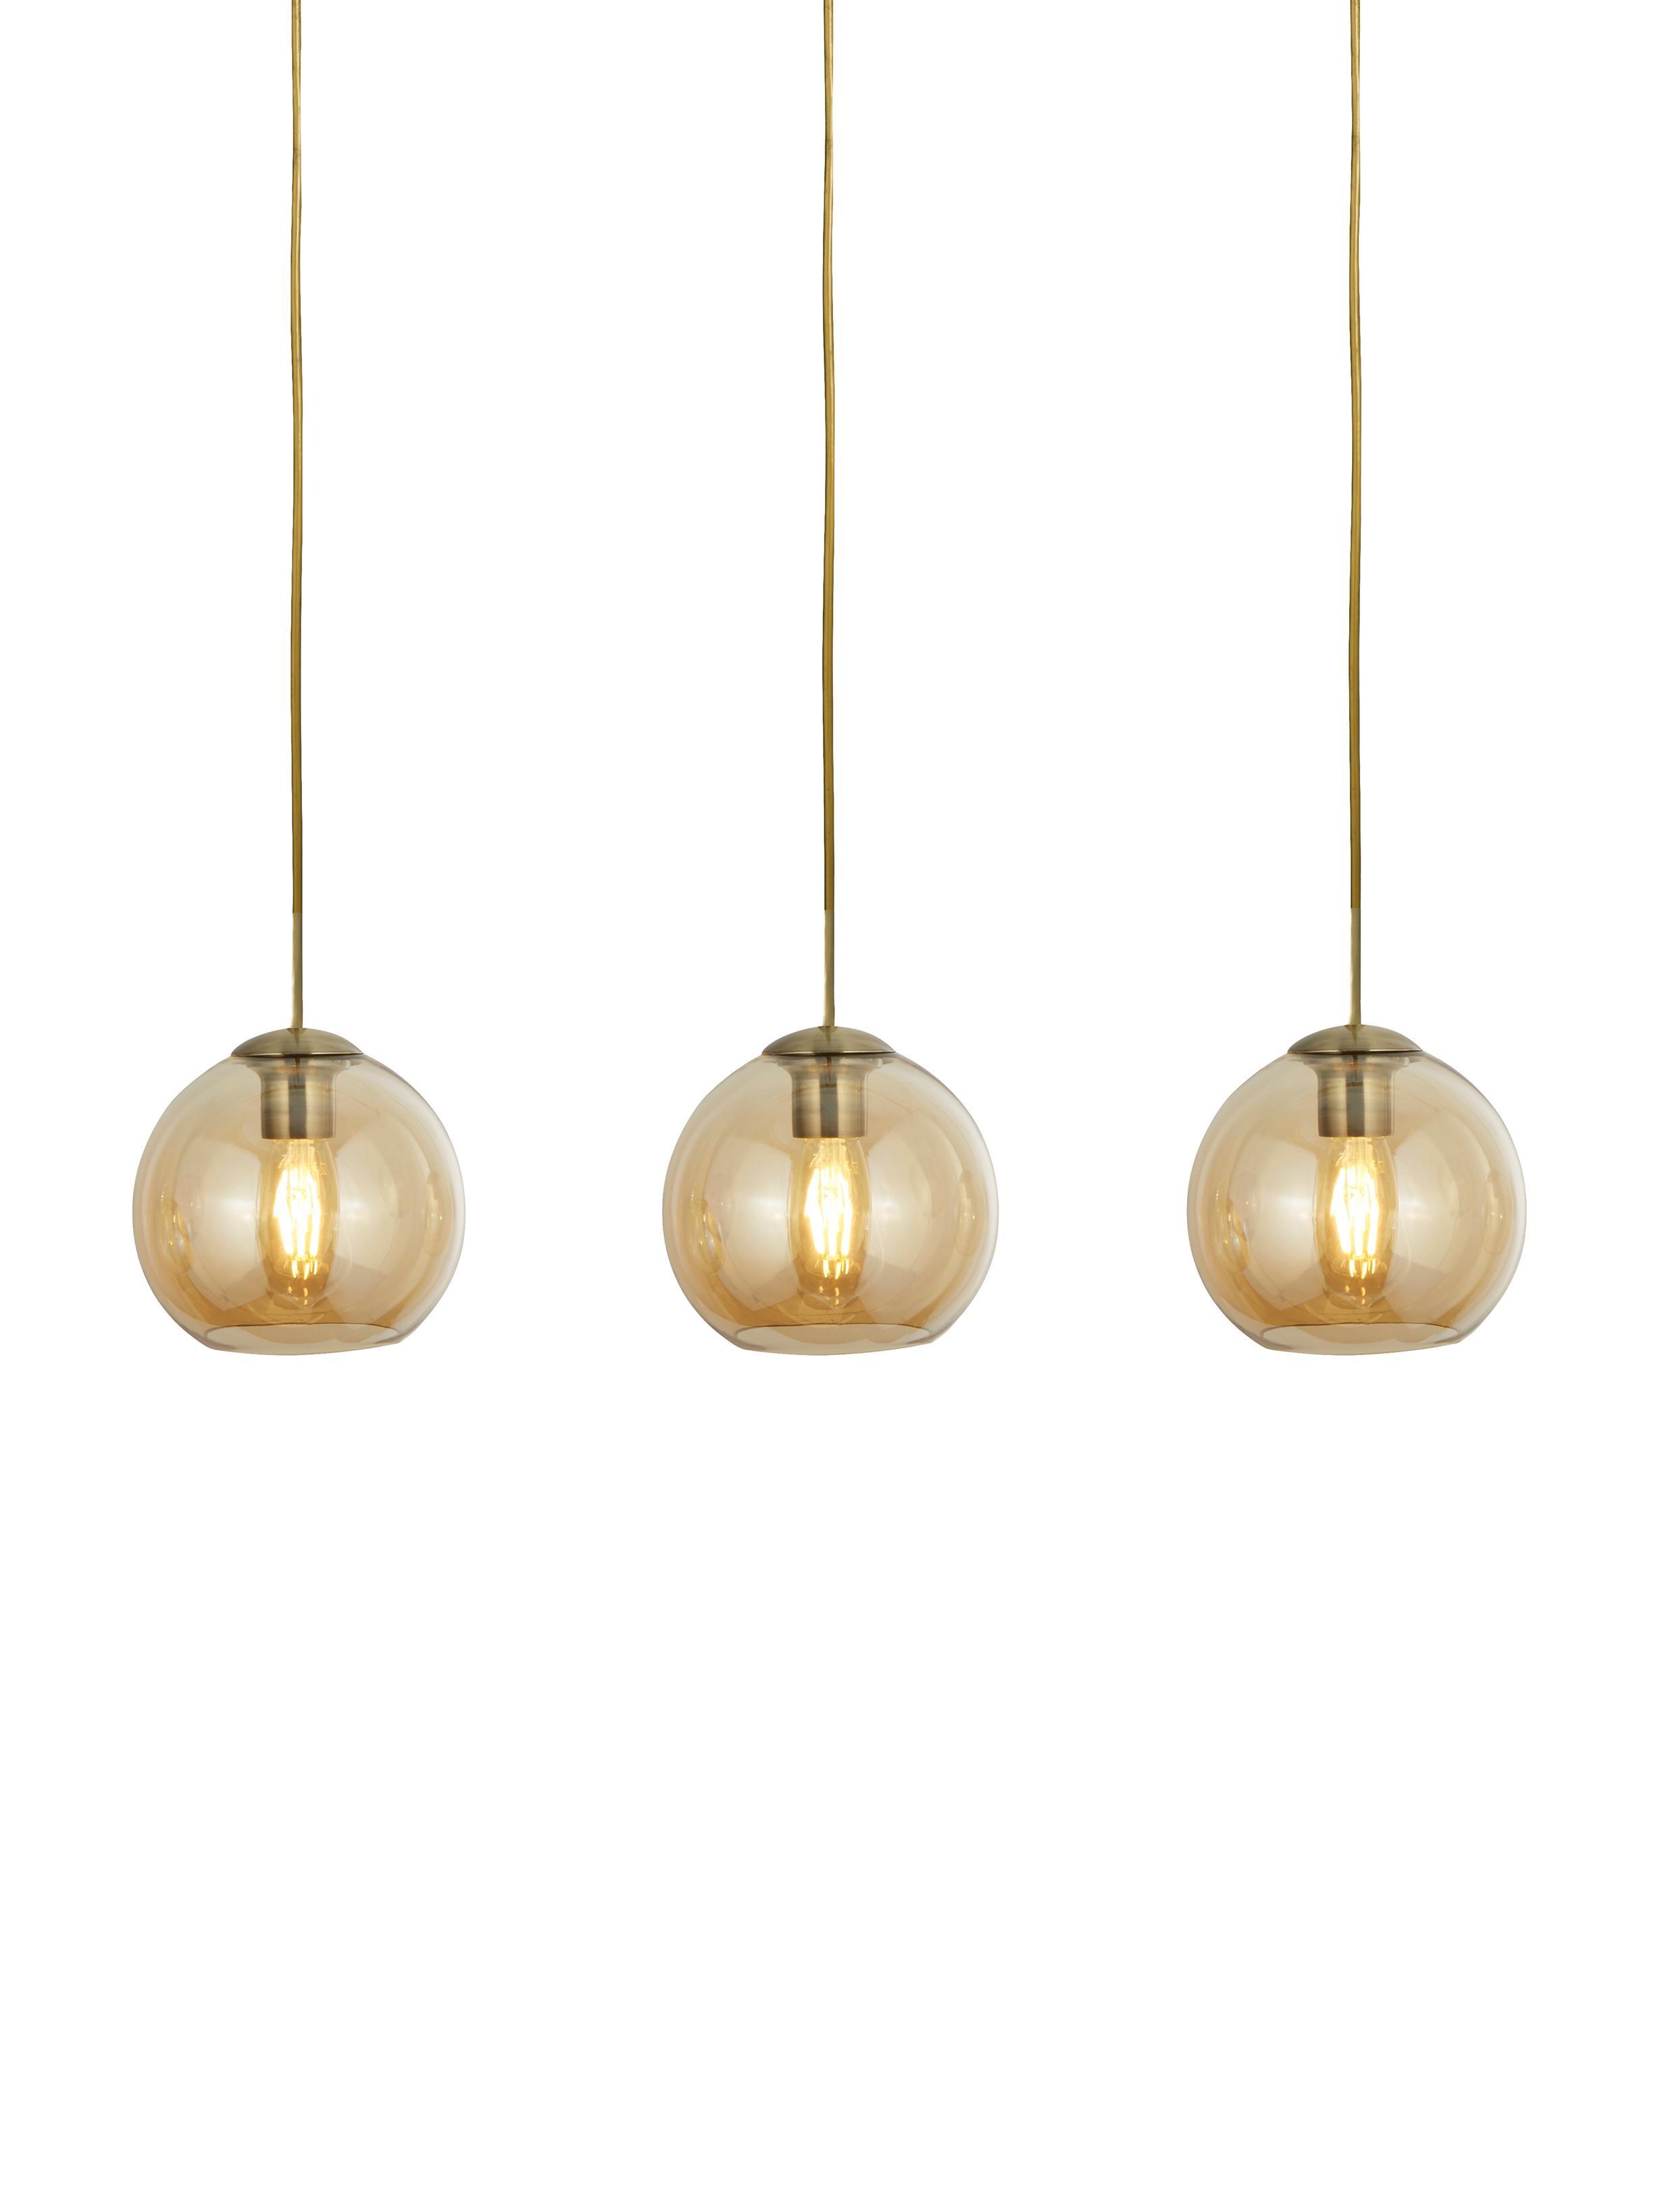 Lampa wisząca ze szkła Pendants, Metal powlekany, szkło, Odcienie złotego, odcienie bursztynowego, transparentny, S 70 x W 20 cm